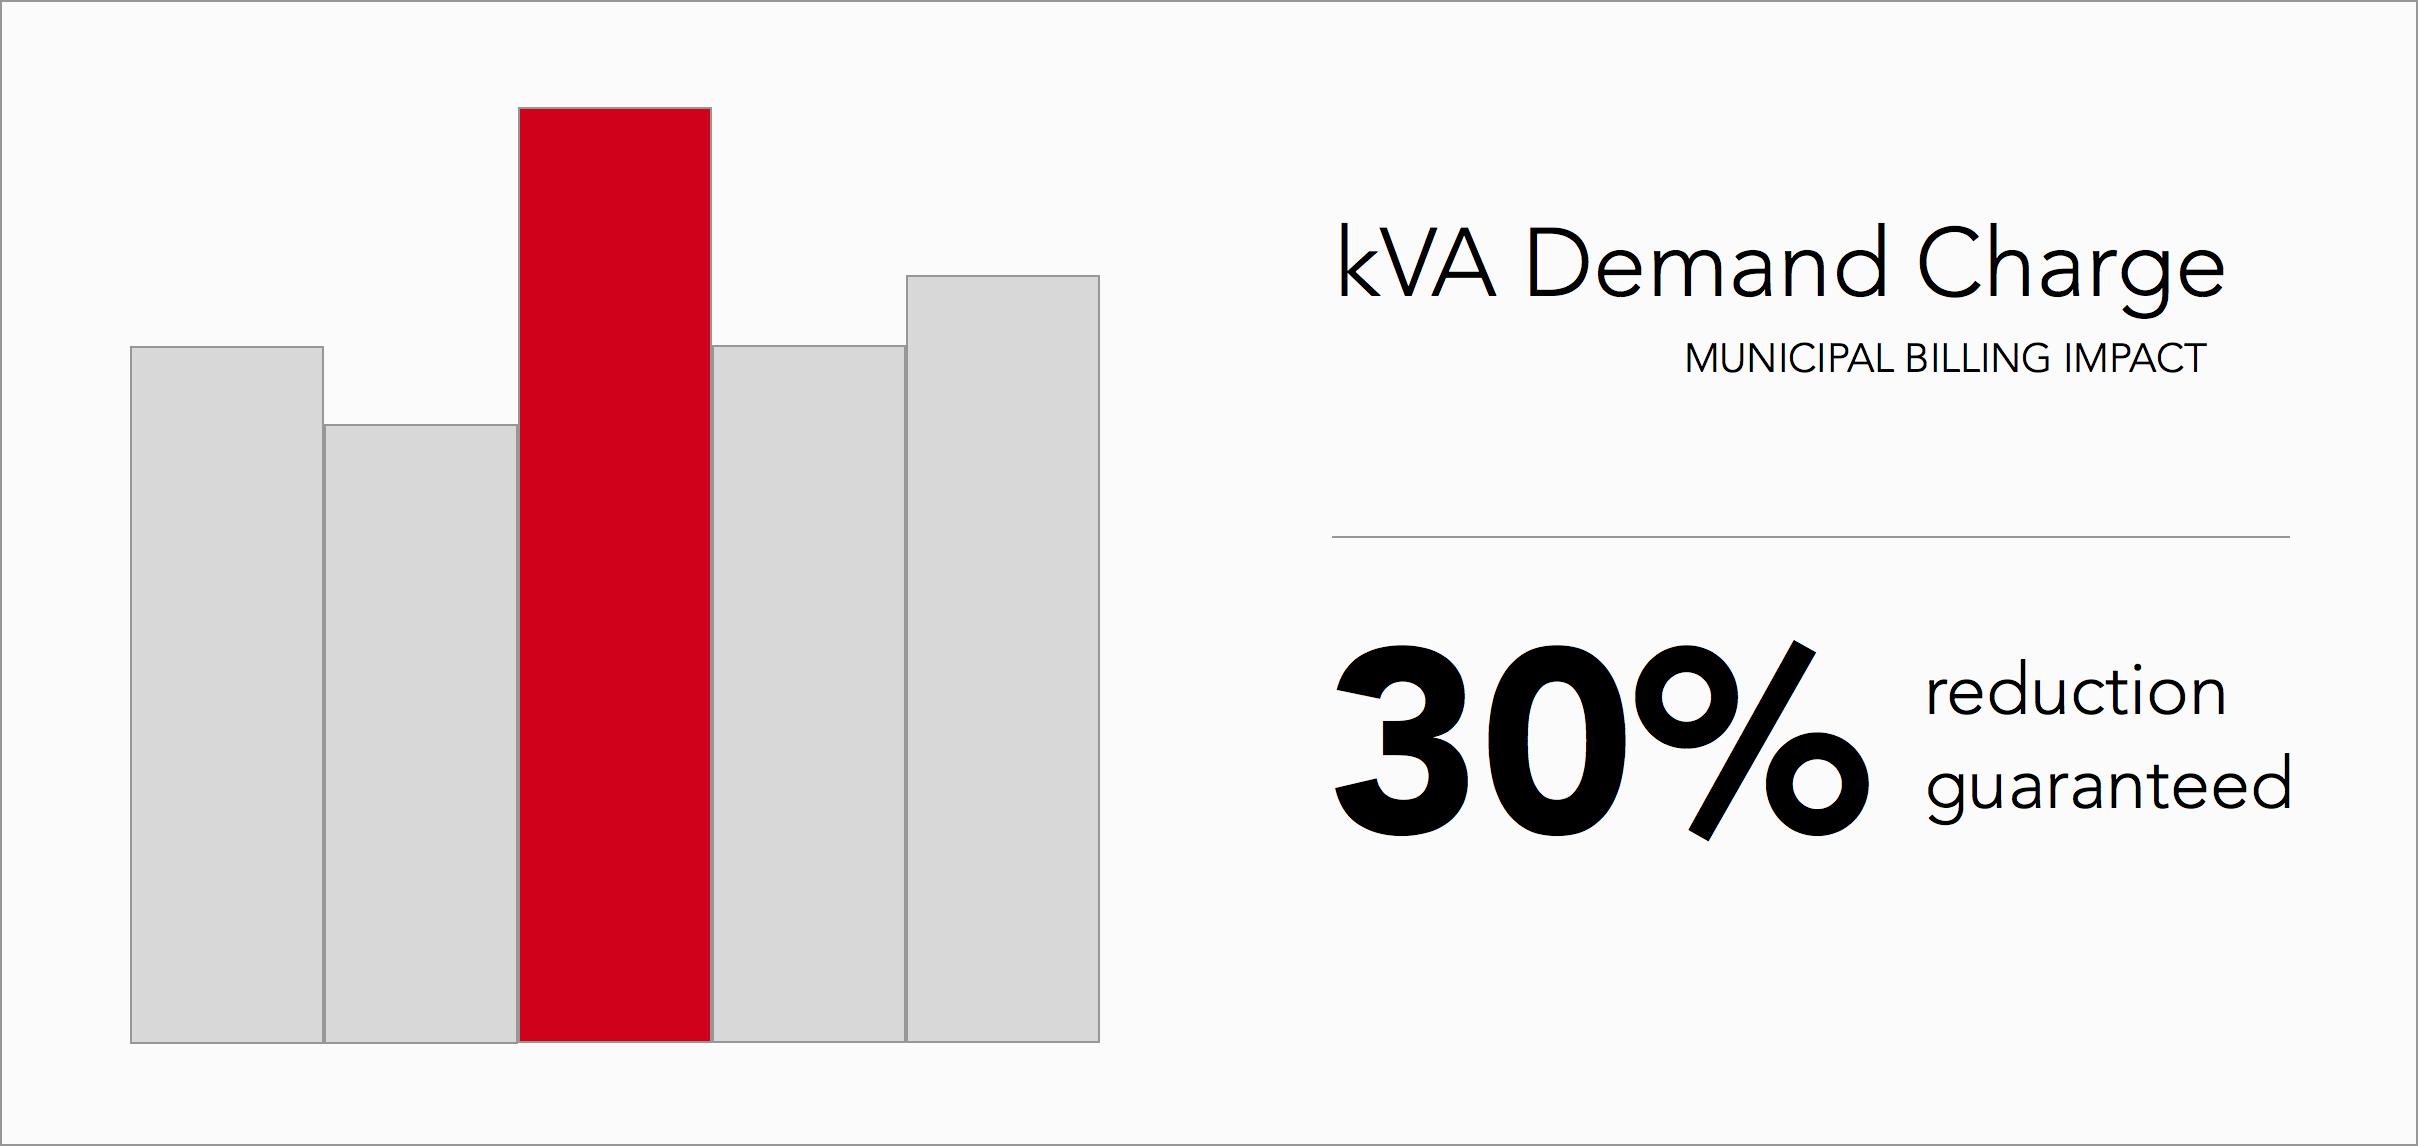 Max kVA demand charge reduction Guarantee